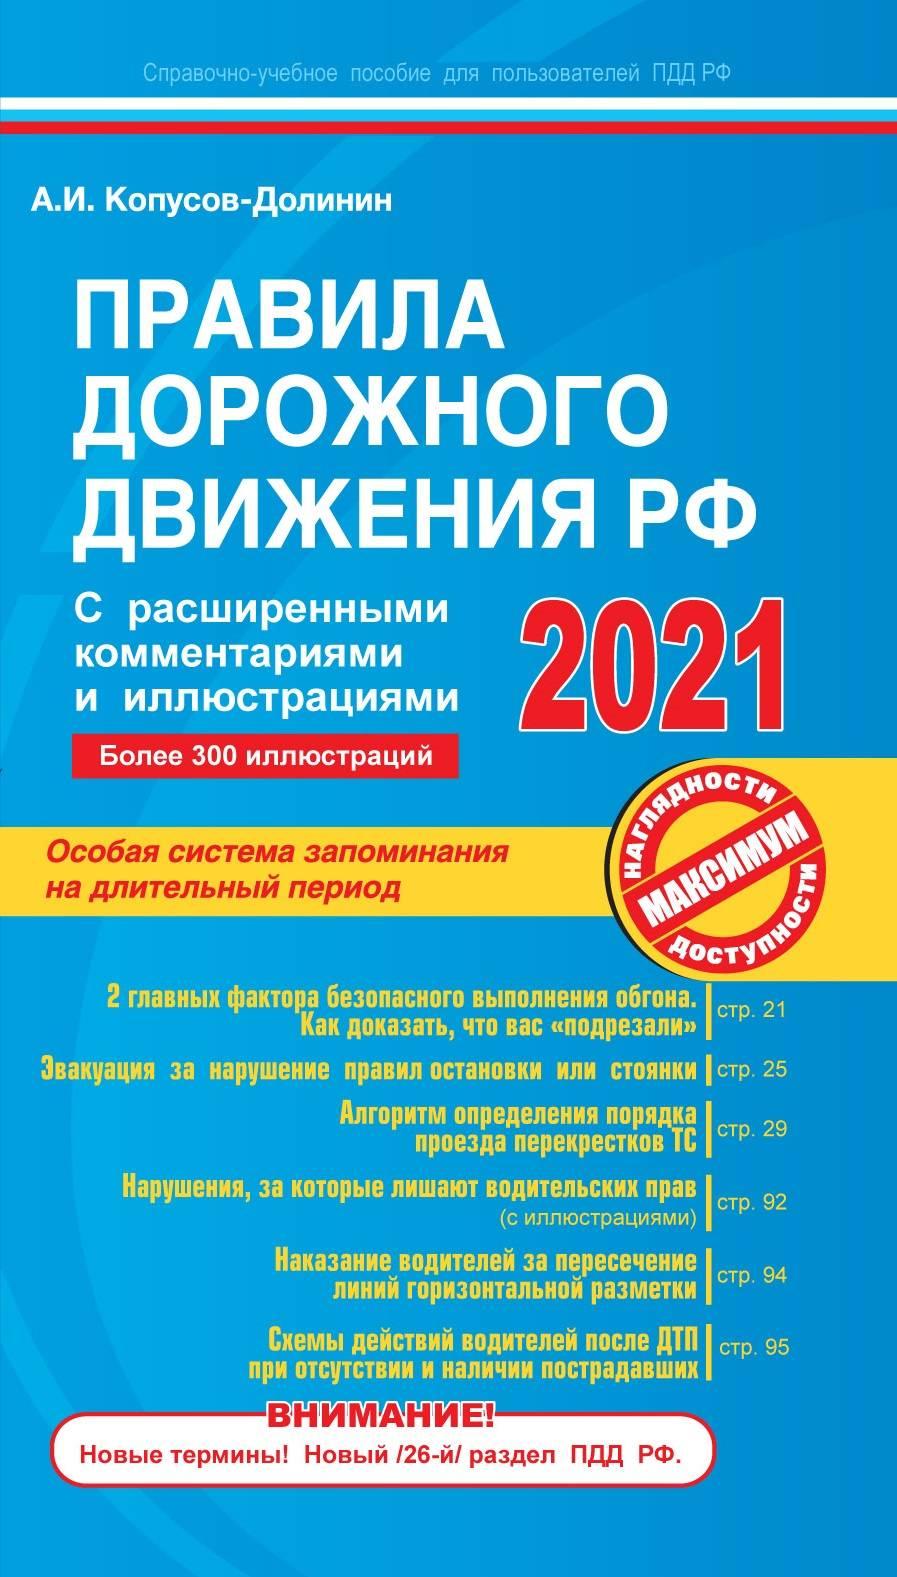 Правила дорожного движения РФ с расширенными комментариями и иллюстрациями